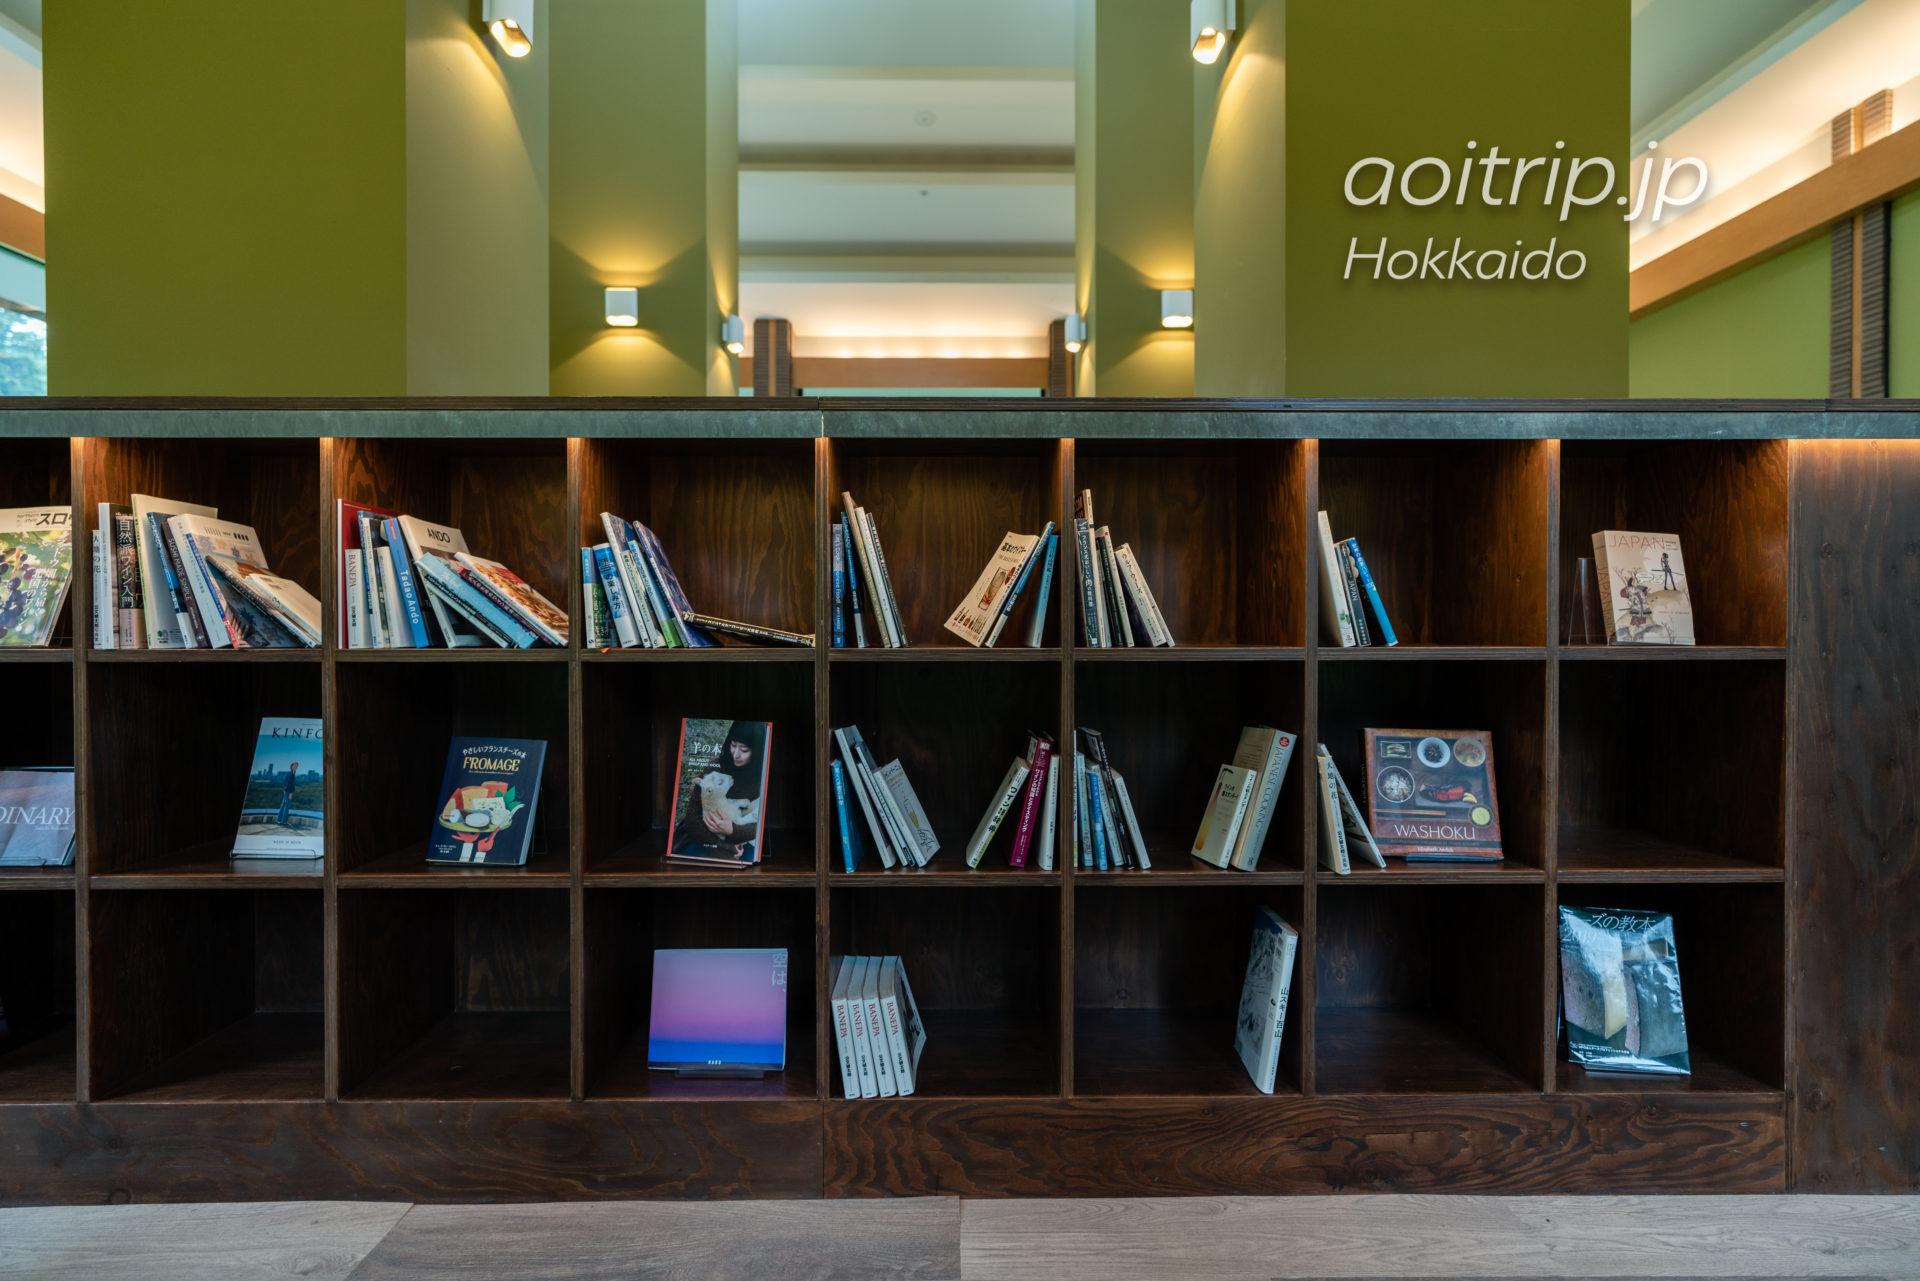 星野リゾート リゾナーレトマム 宿泊記 Hoshino Risonare Tomamu Books & Cafe